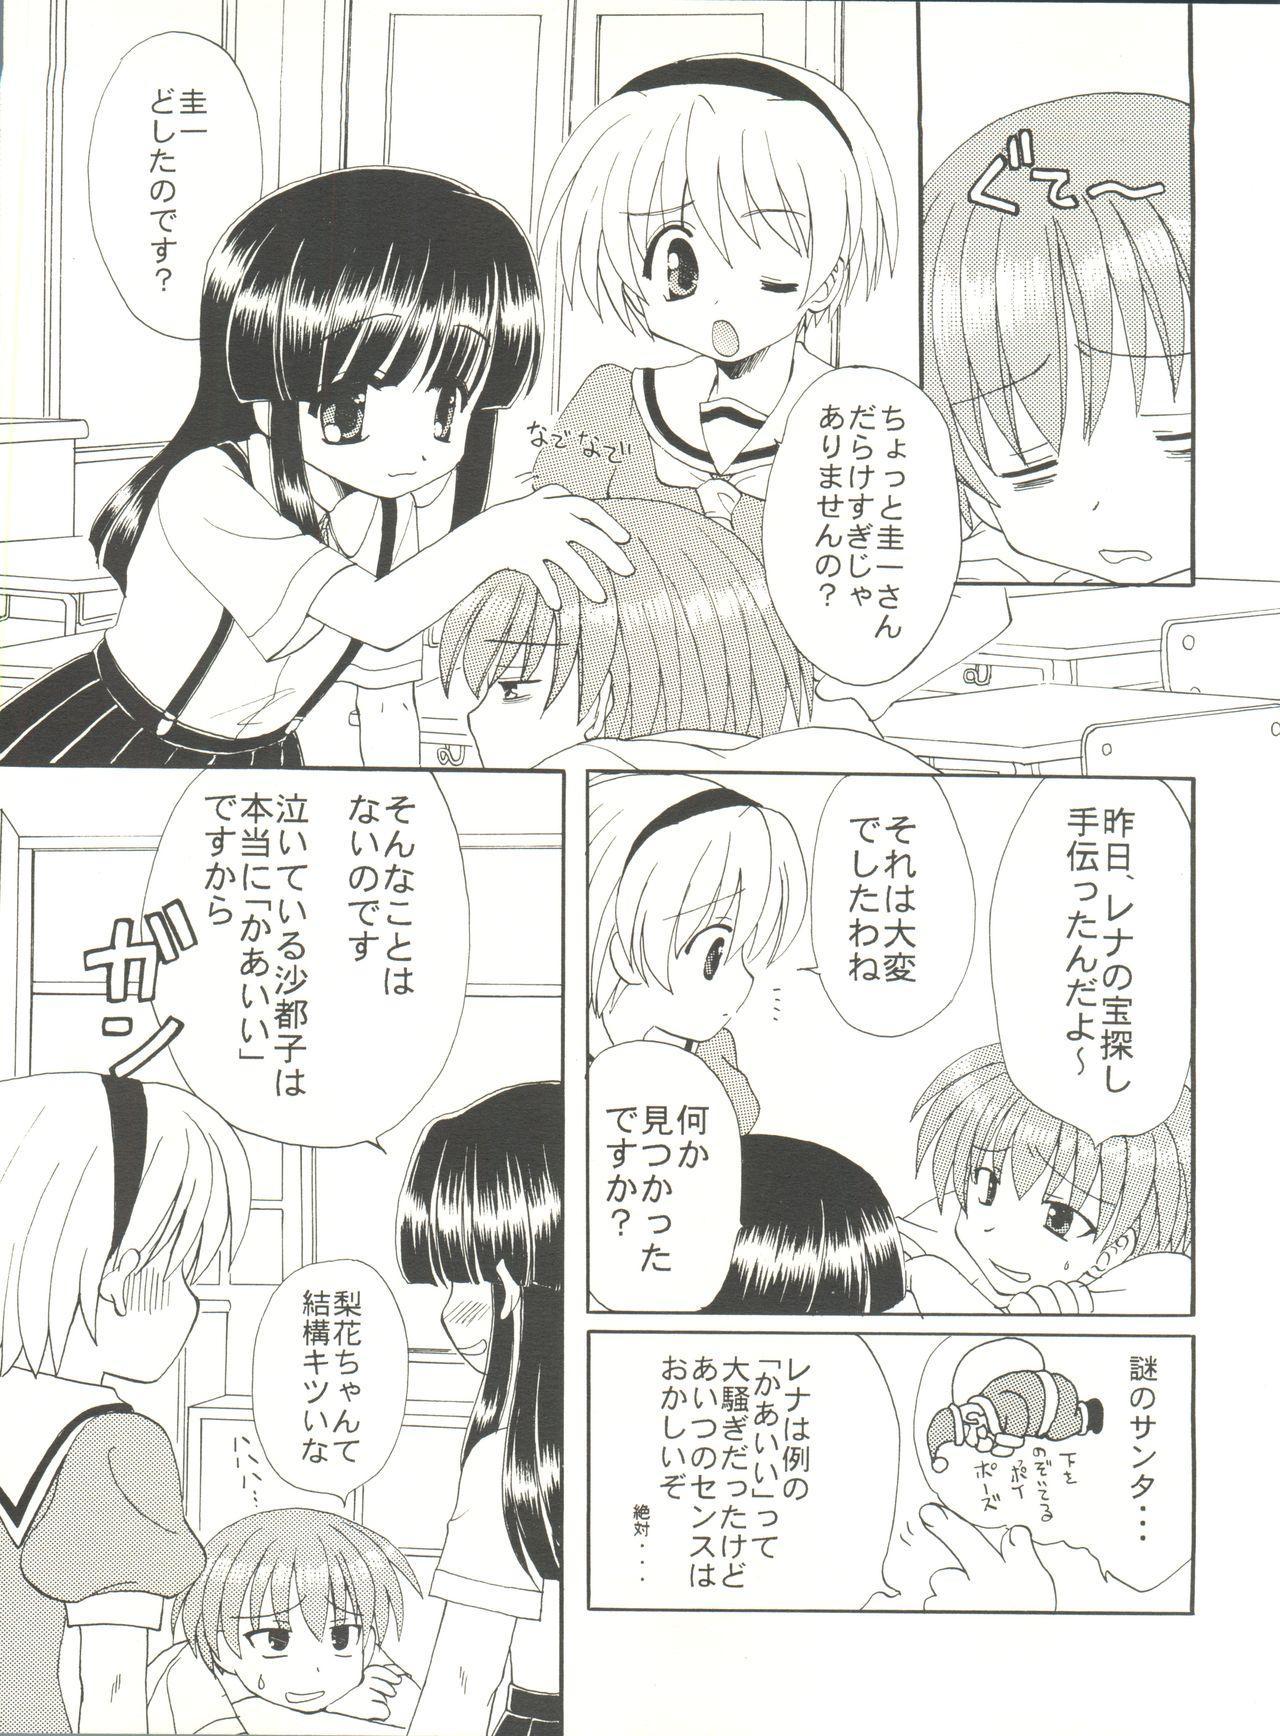 Higurashi no Naku ya ni 10